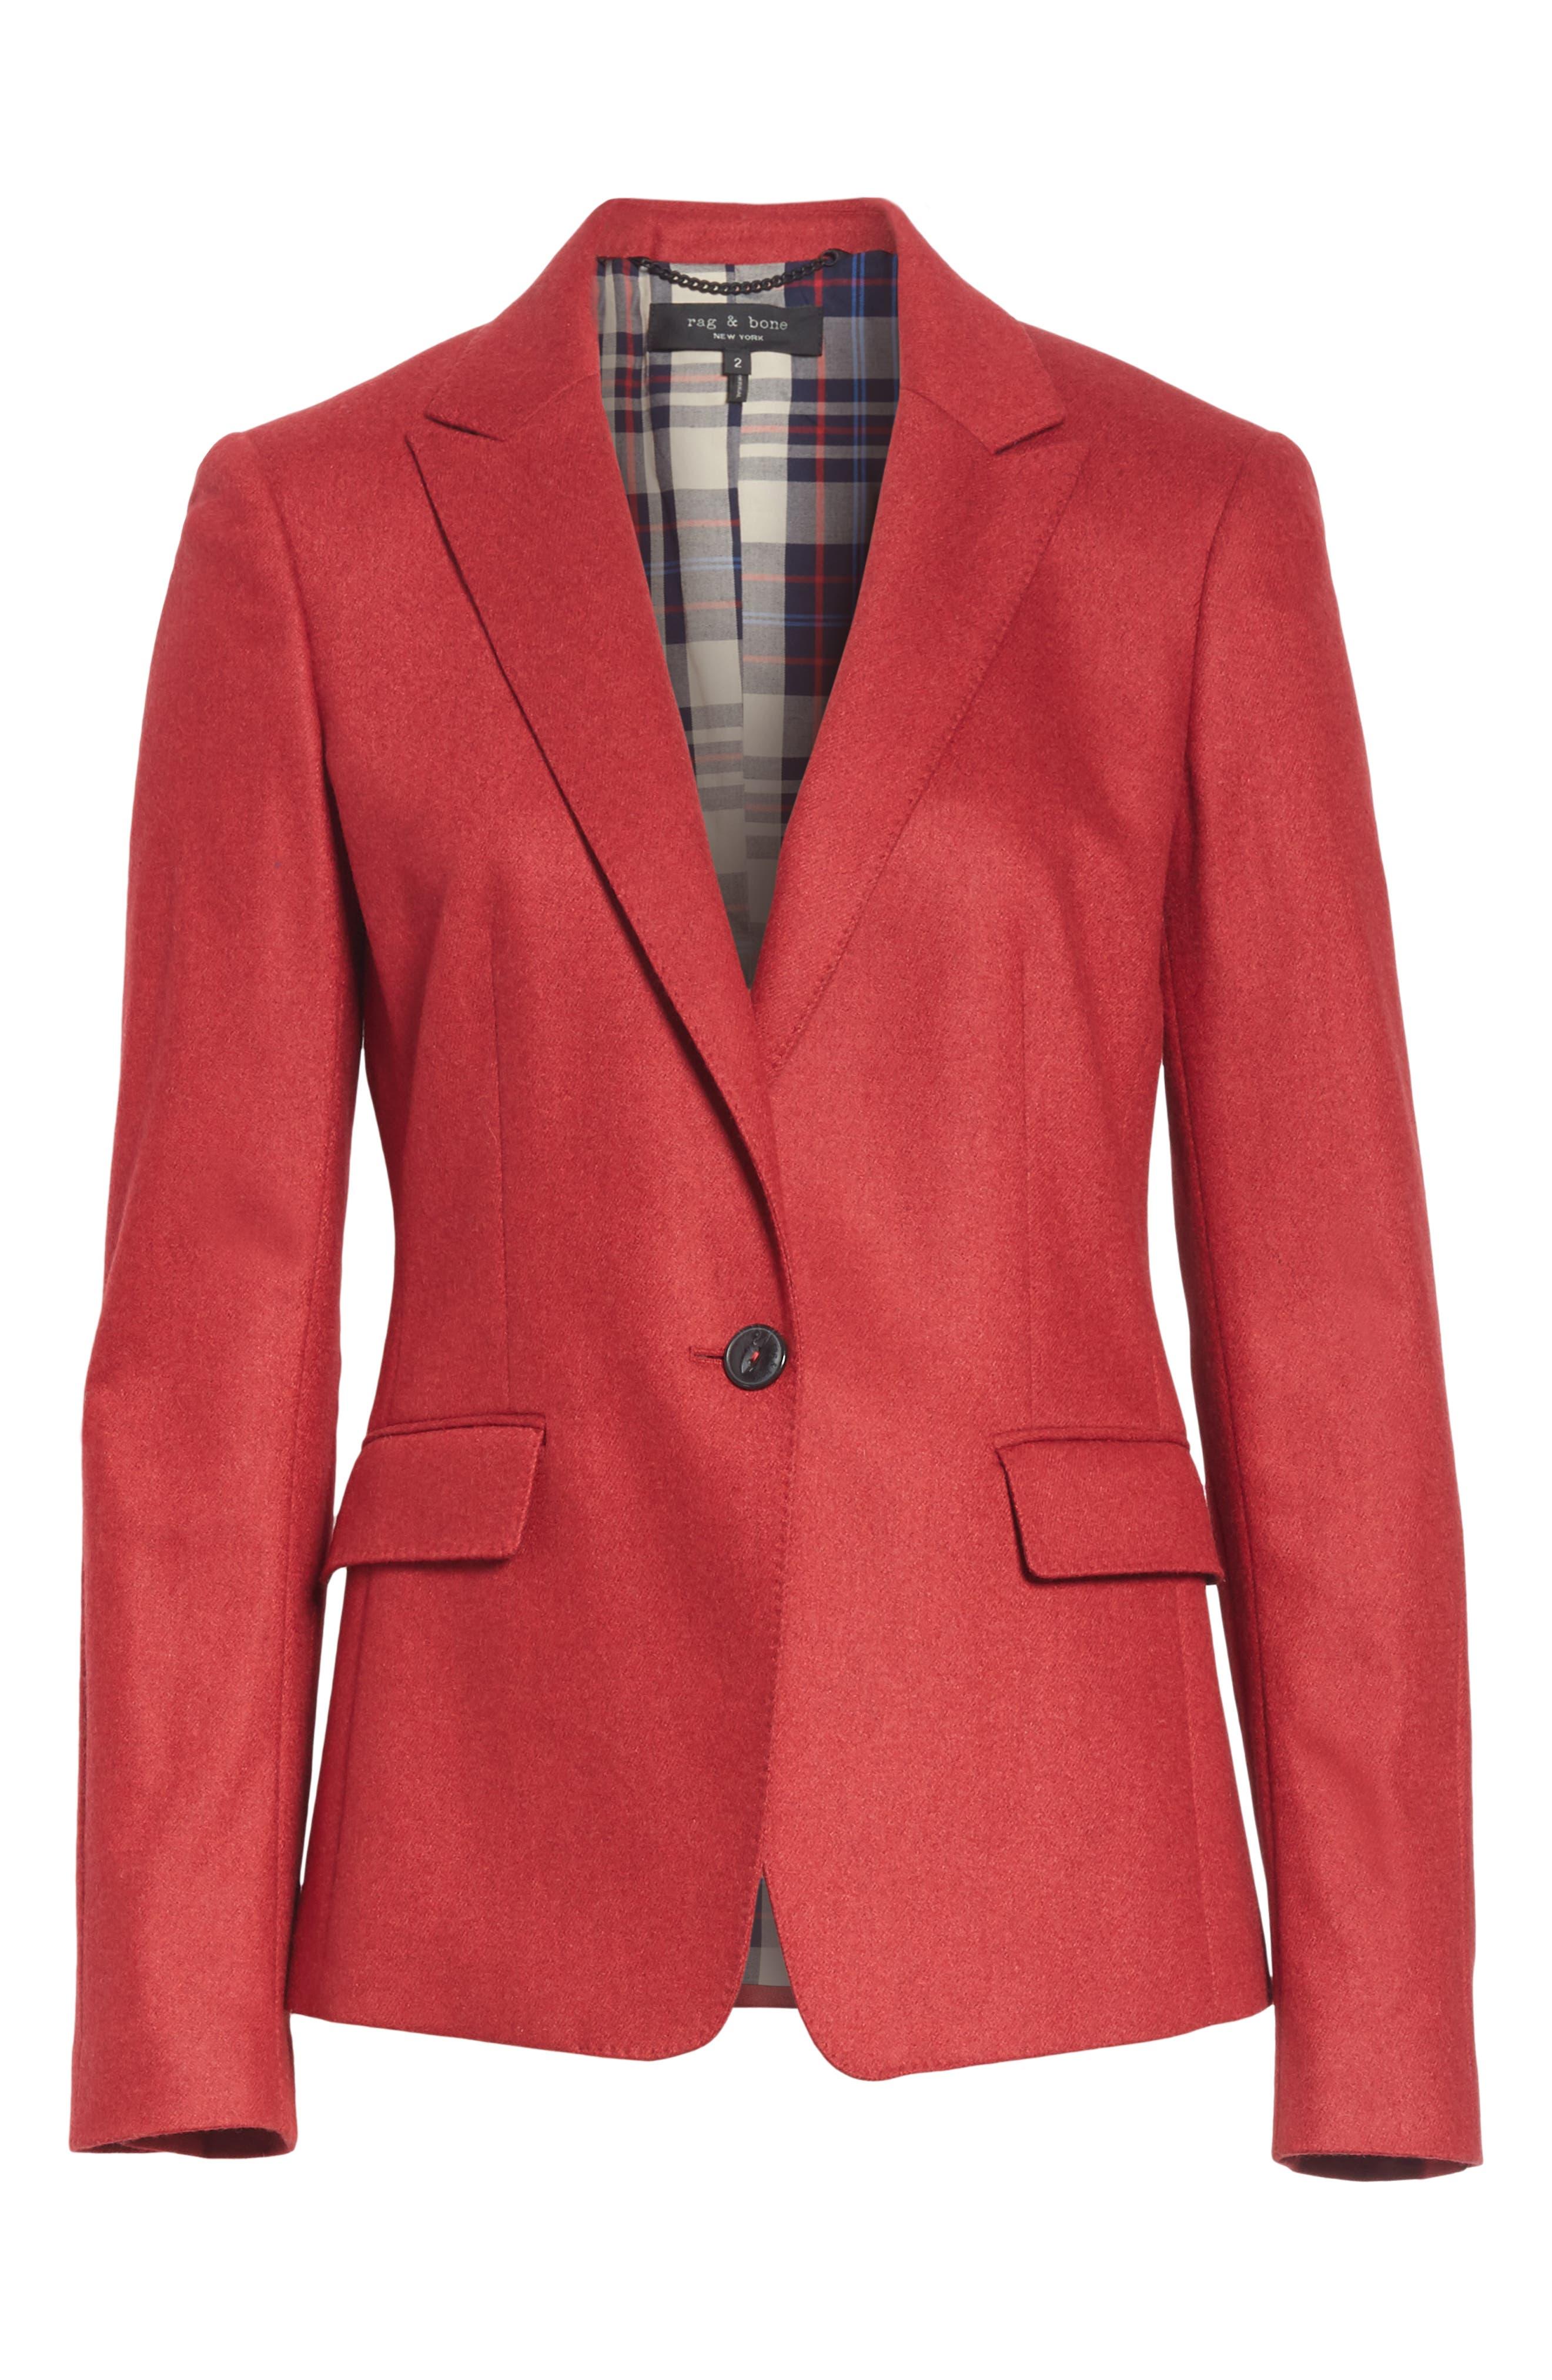 Lexington Wool Blend Blazer,                             Alternate thumbnail 4, color,                             RED MELANGE